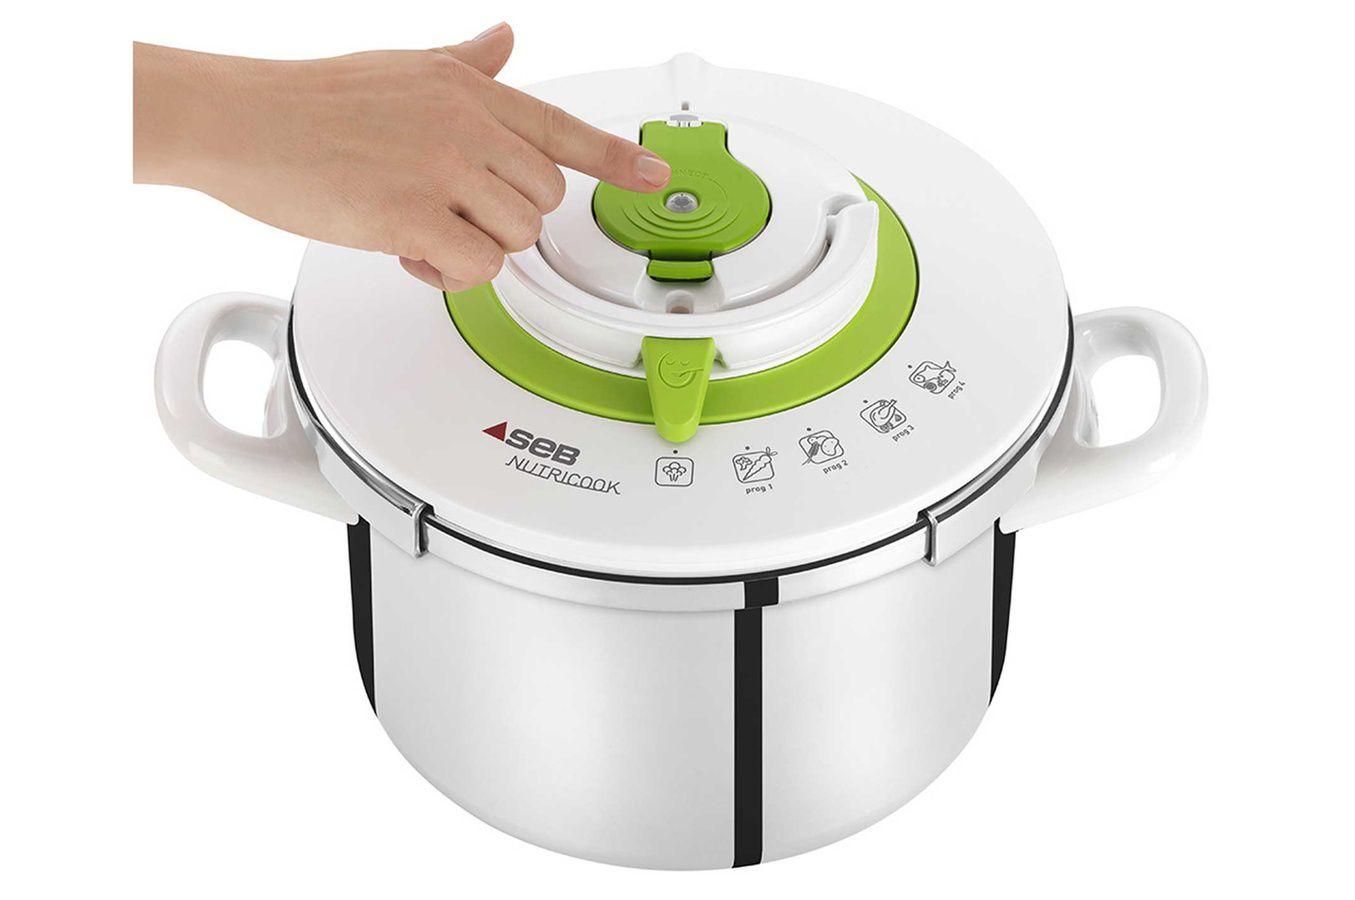 nutricook l 39 autocuiseur connect l 39 ipad pour cuisiner plus facilement. Black Bedroom Furniture Sets. Home Design Ideas